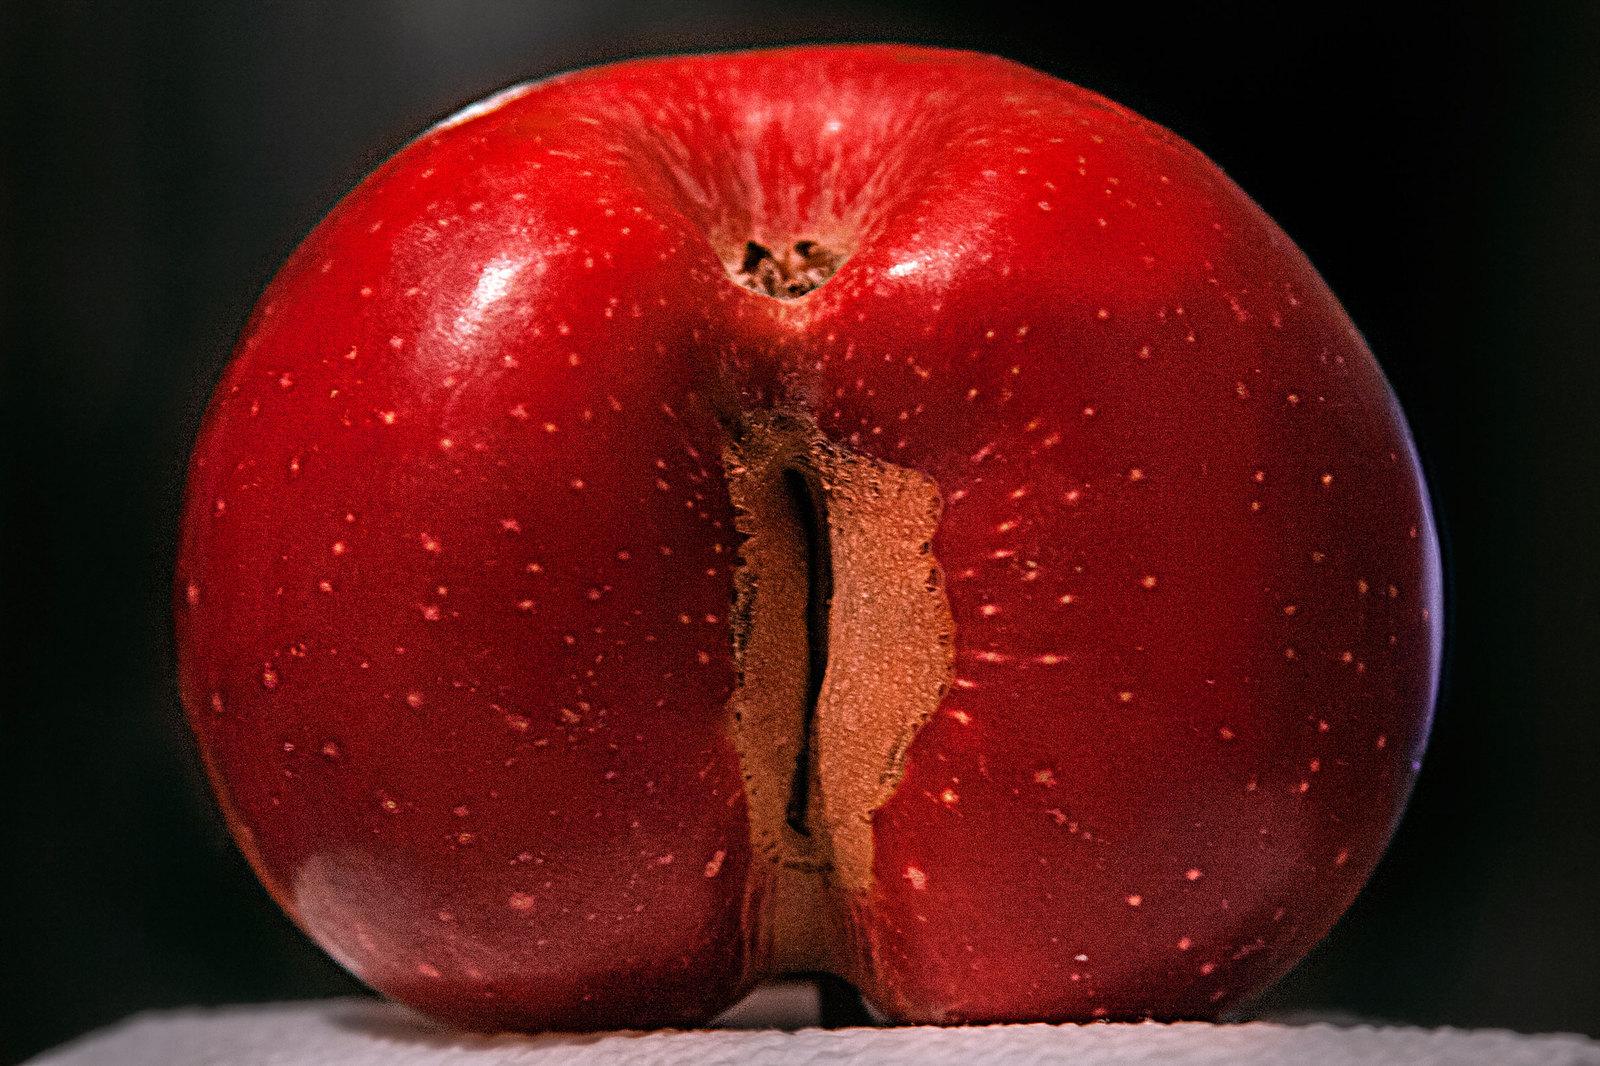 Яблоко в попку, Кормит жопу яблоками порно видео онлайн 25 фотография